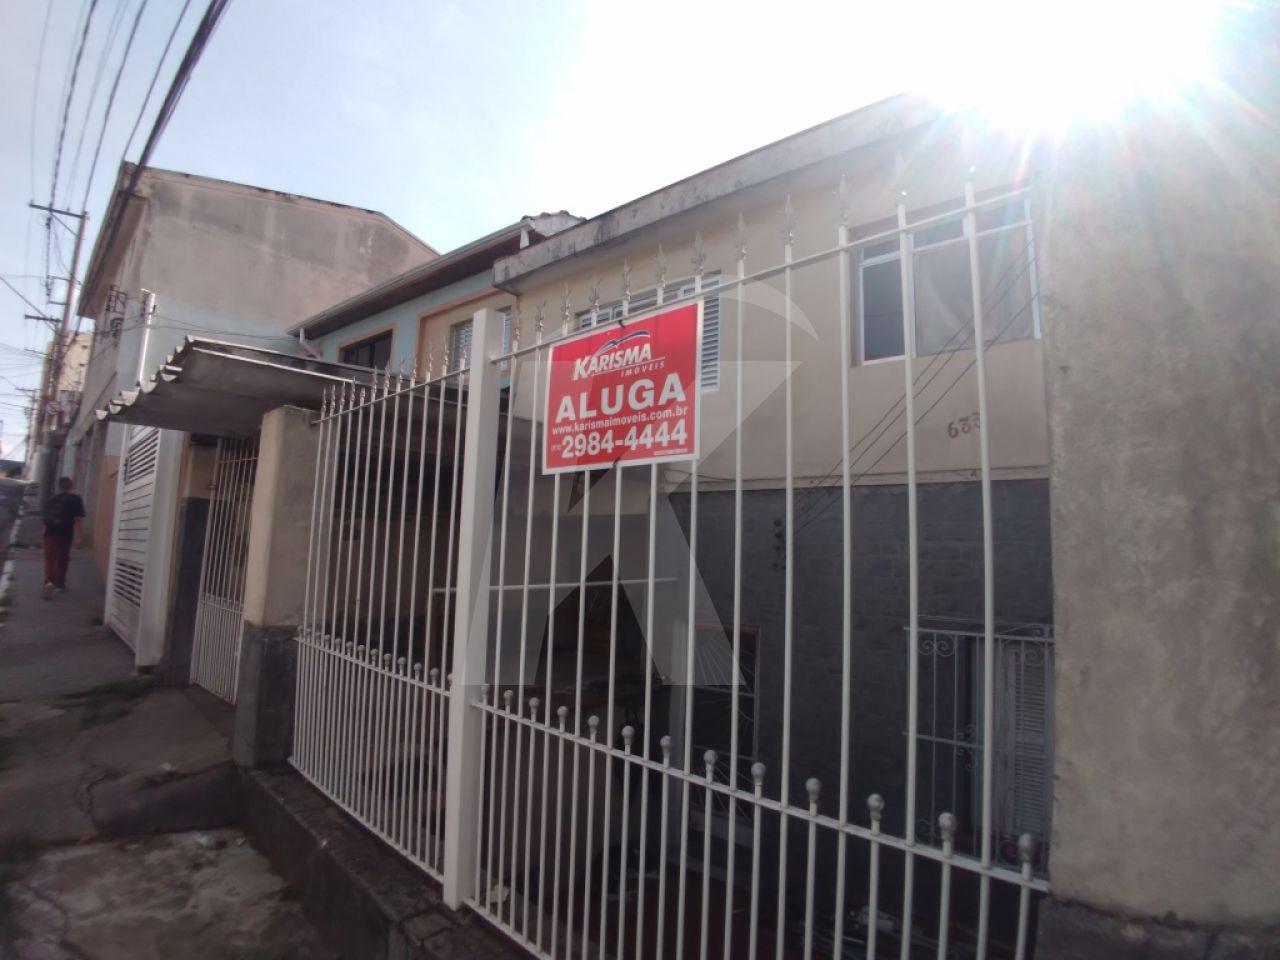 Casa  Vila Gustavo - 1 Dormitório(s) - São Paulo - SP - REF. KA6923